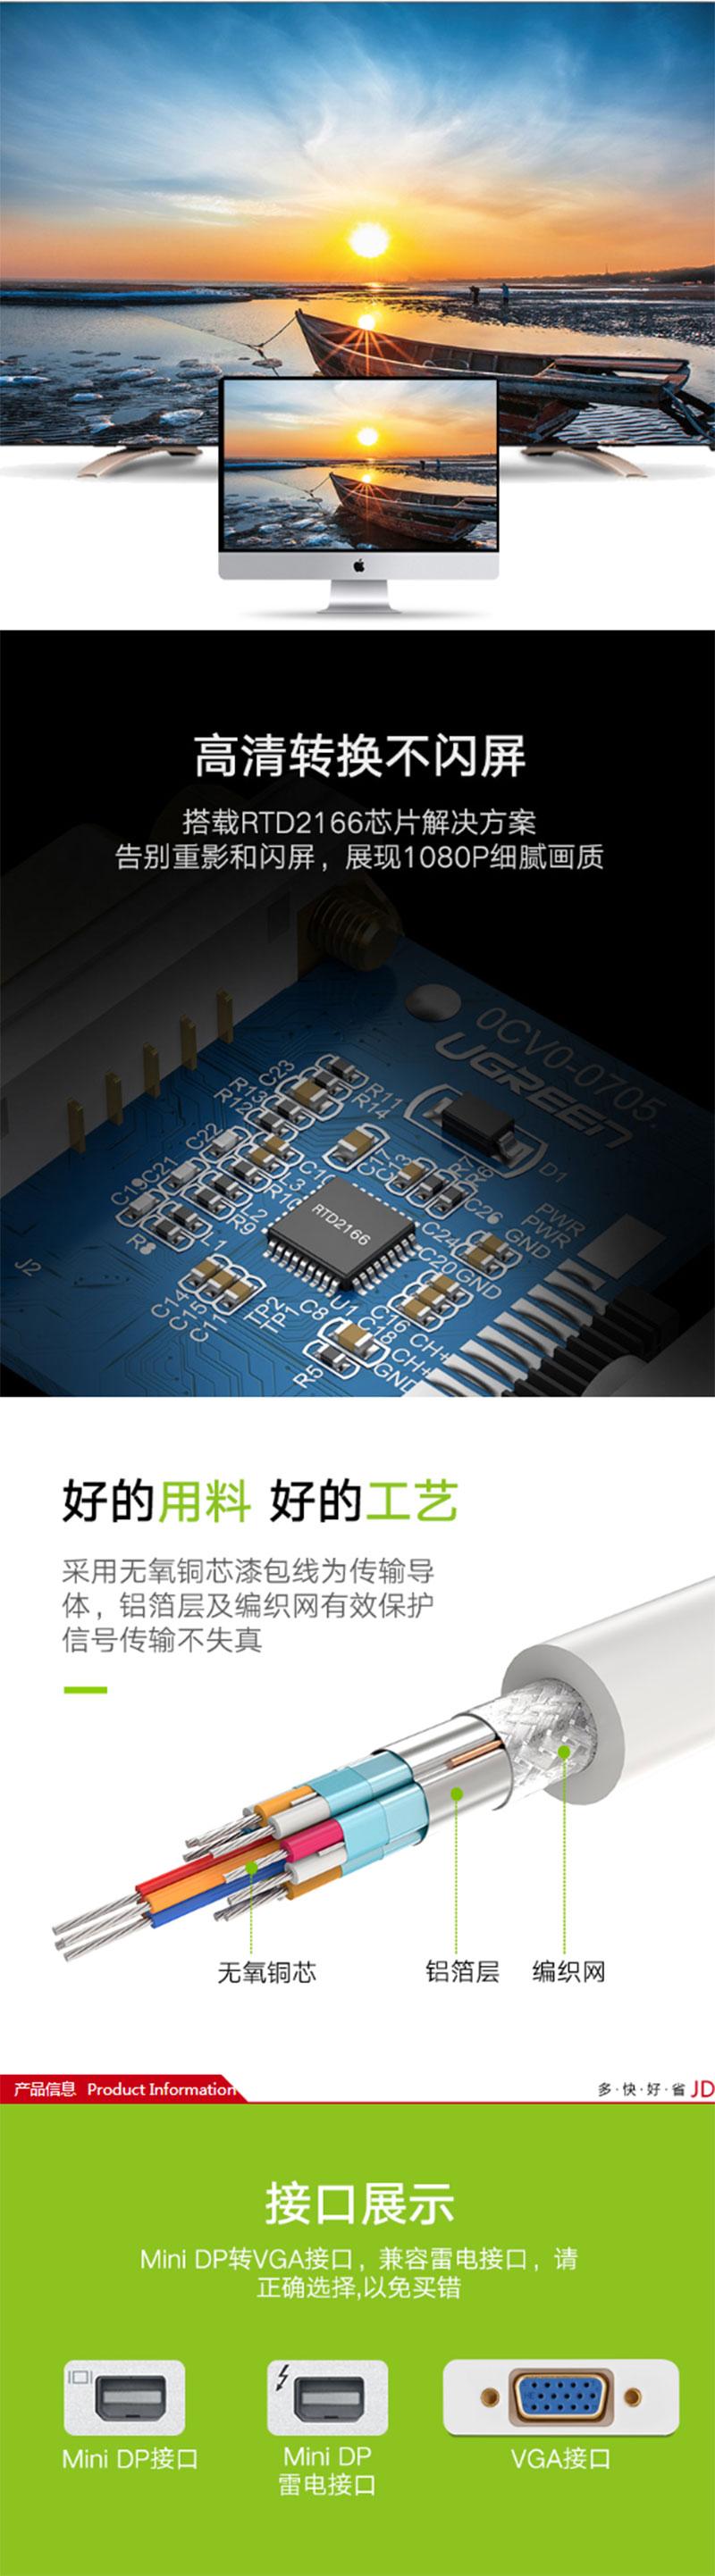 绿联10458 Mini DP(雷电)转VGA